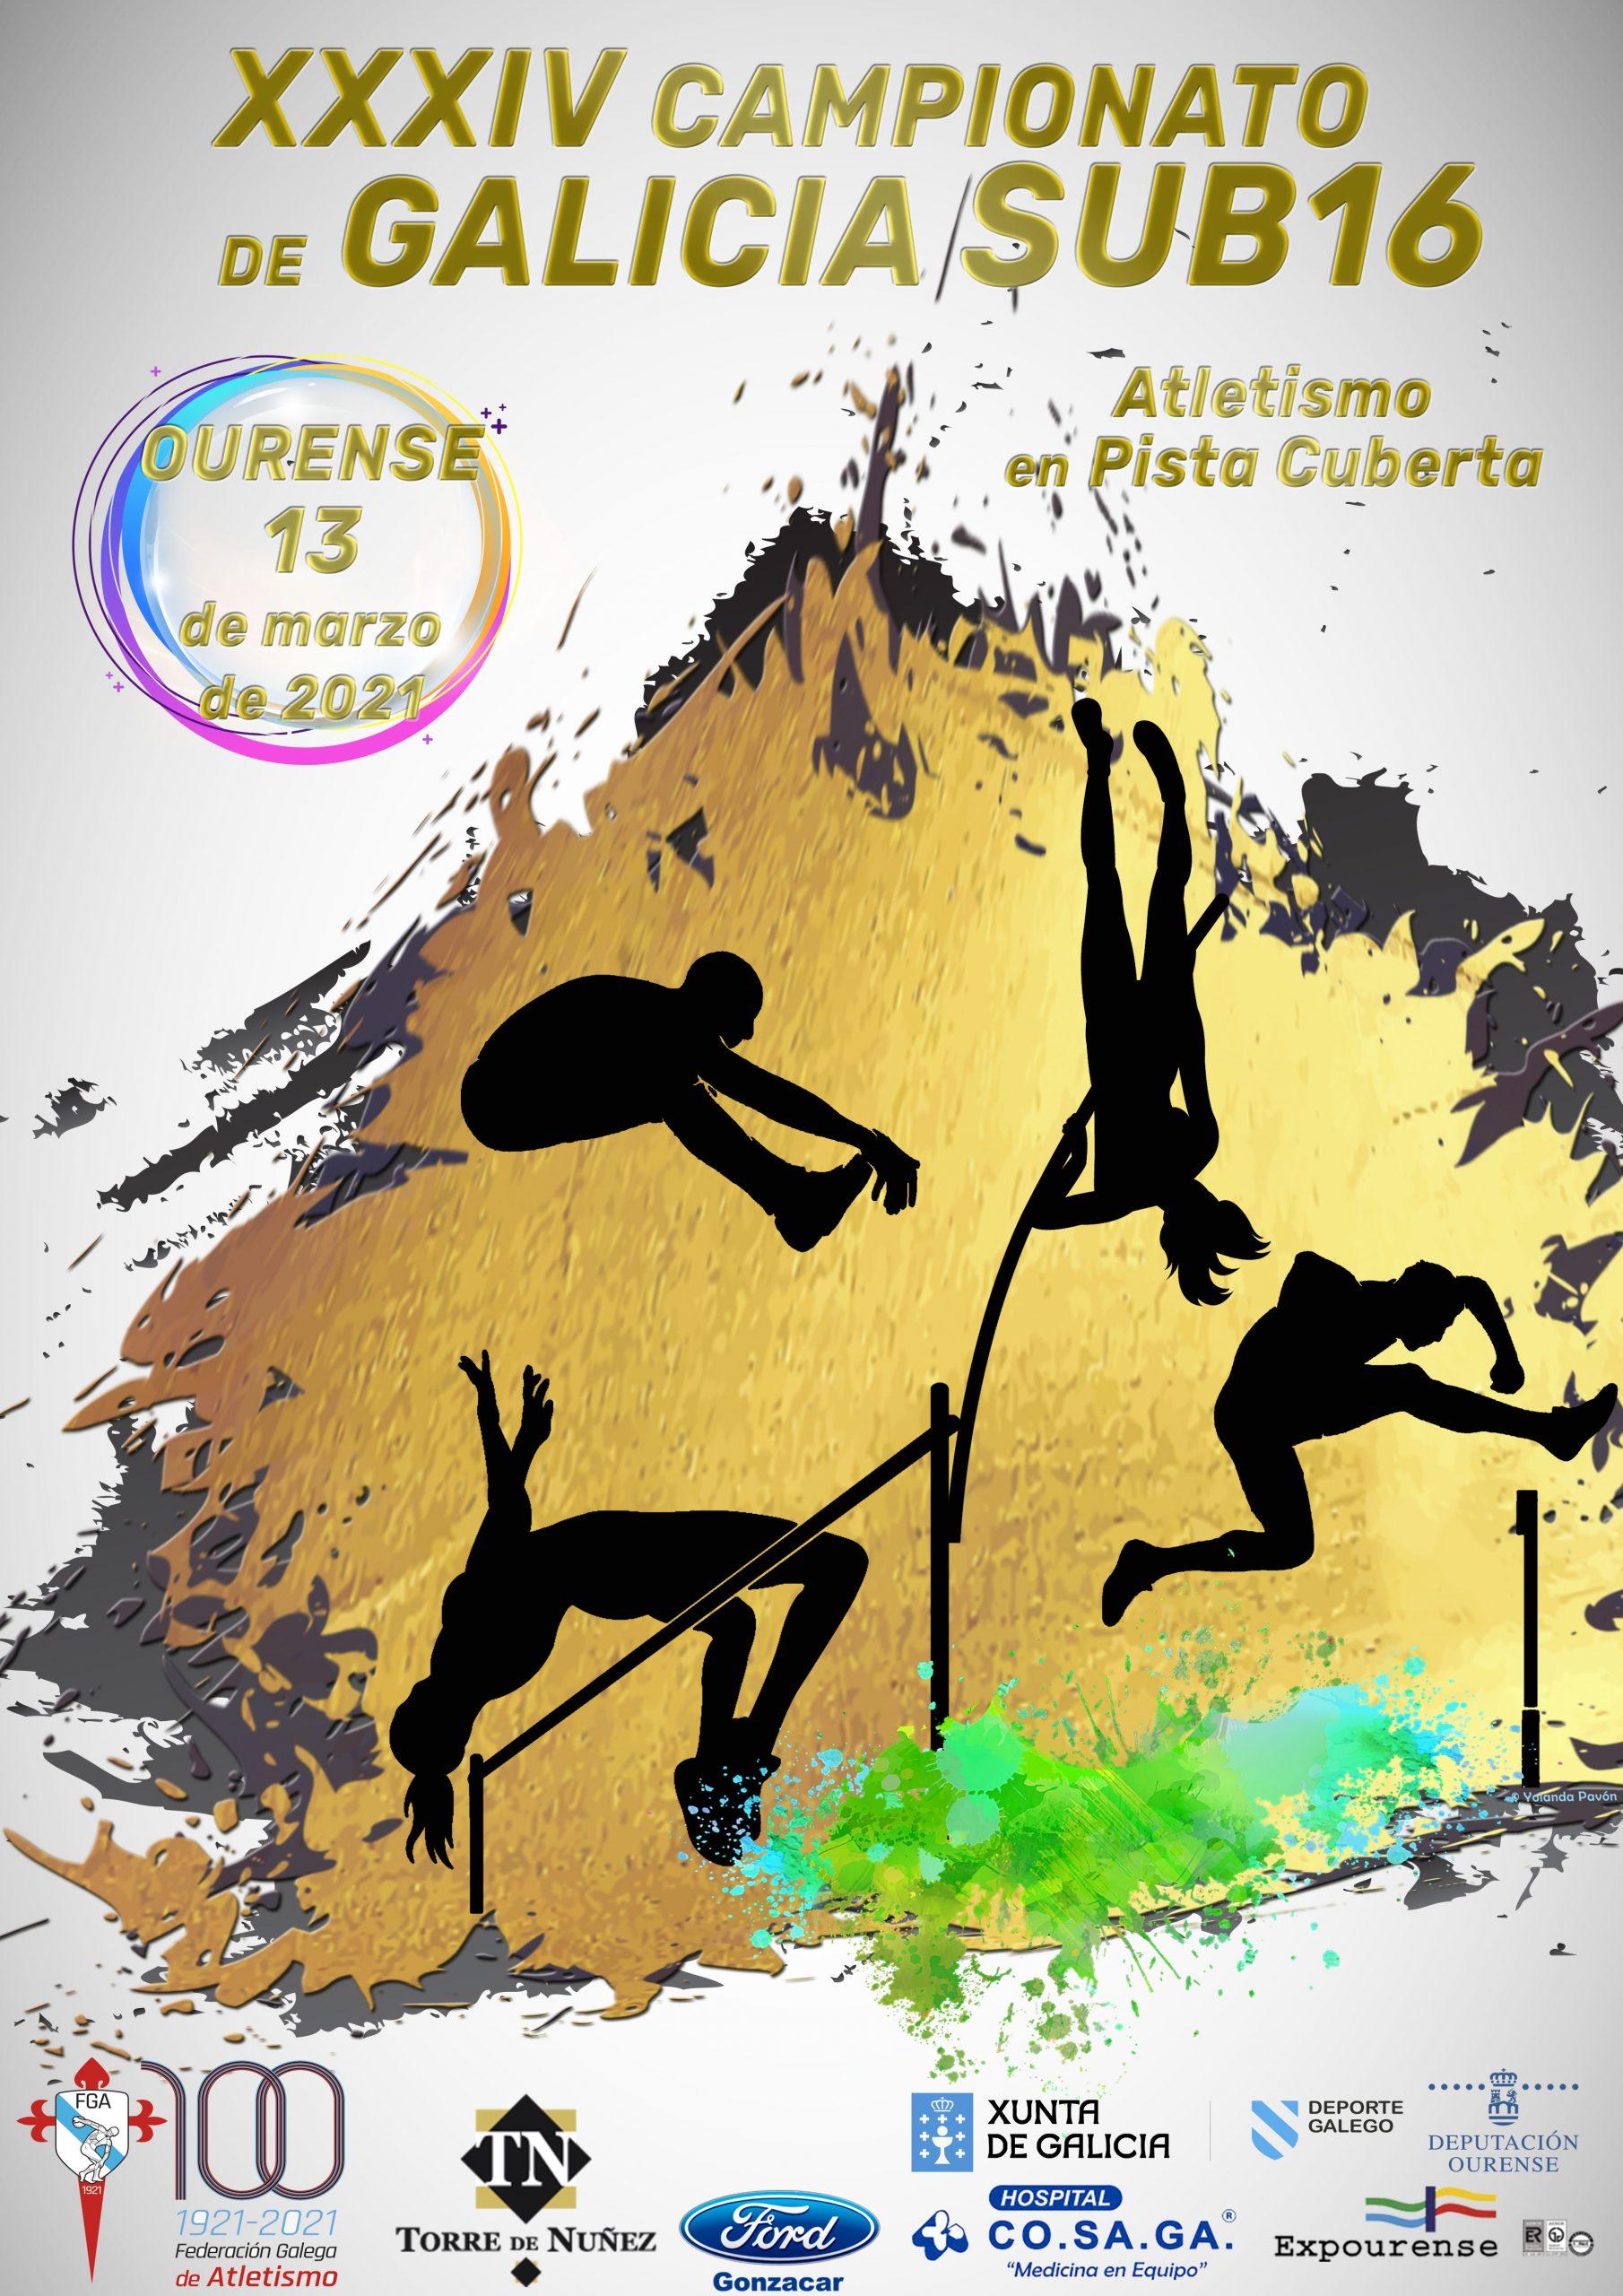 XXXIV Campionato de Galicia Sub16 + Control Sub10,12,14 pista cuberta